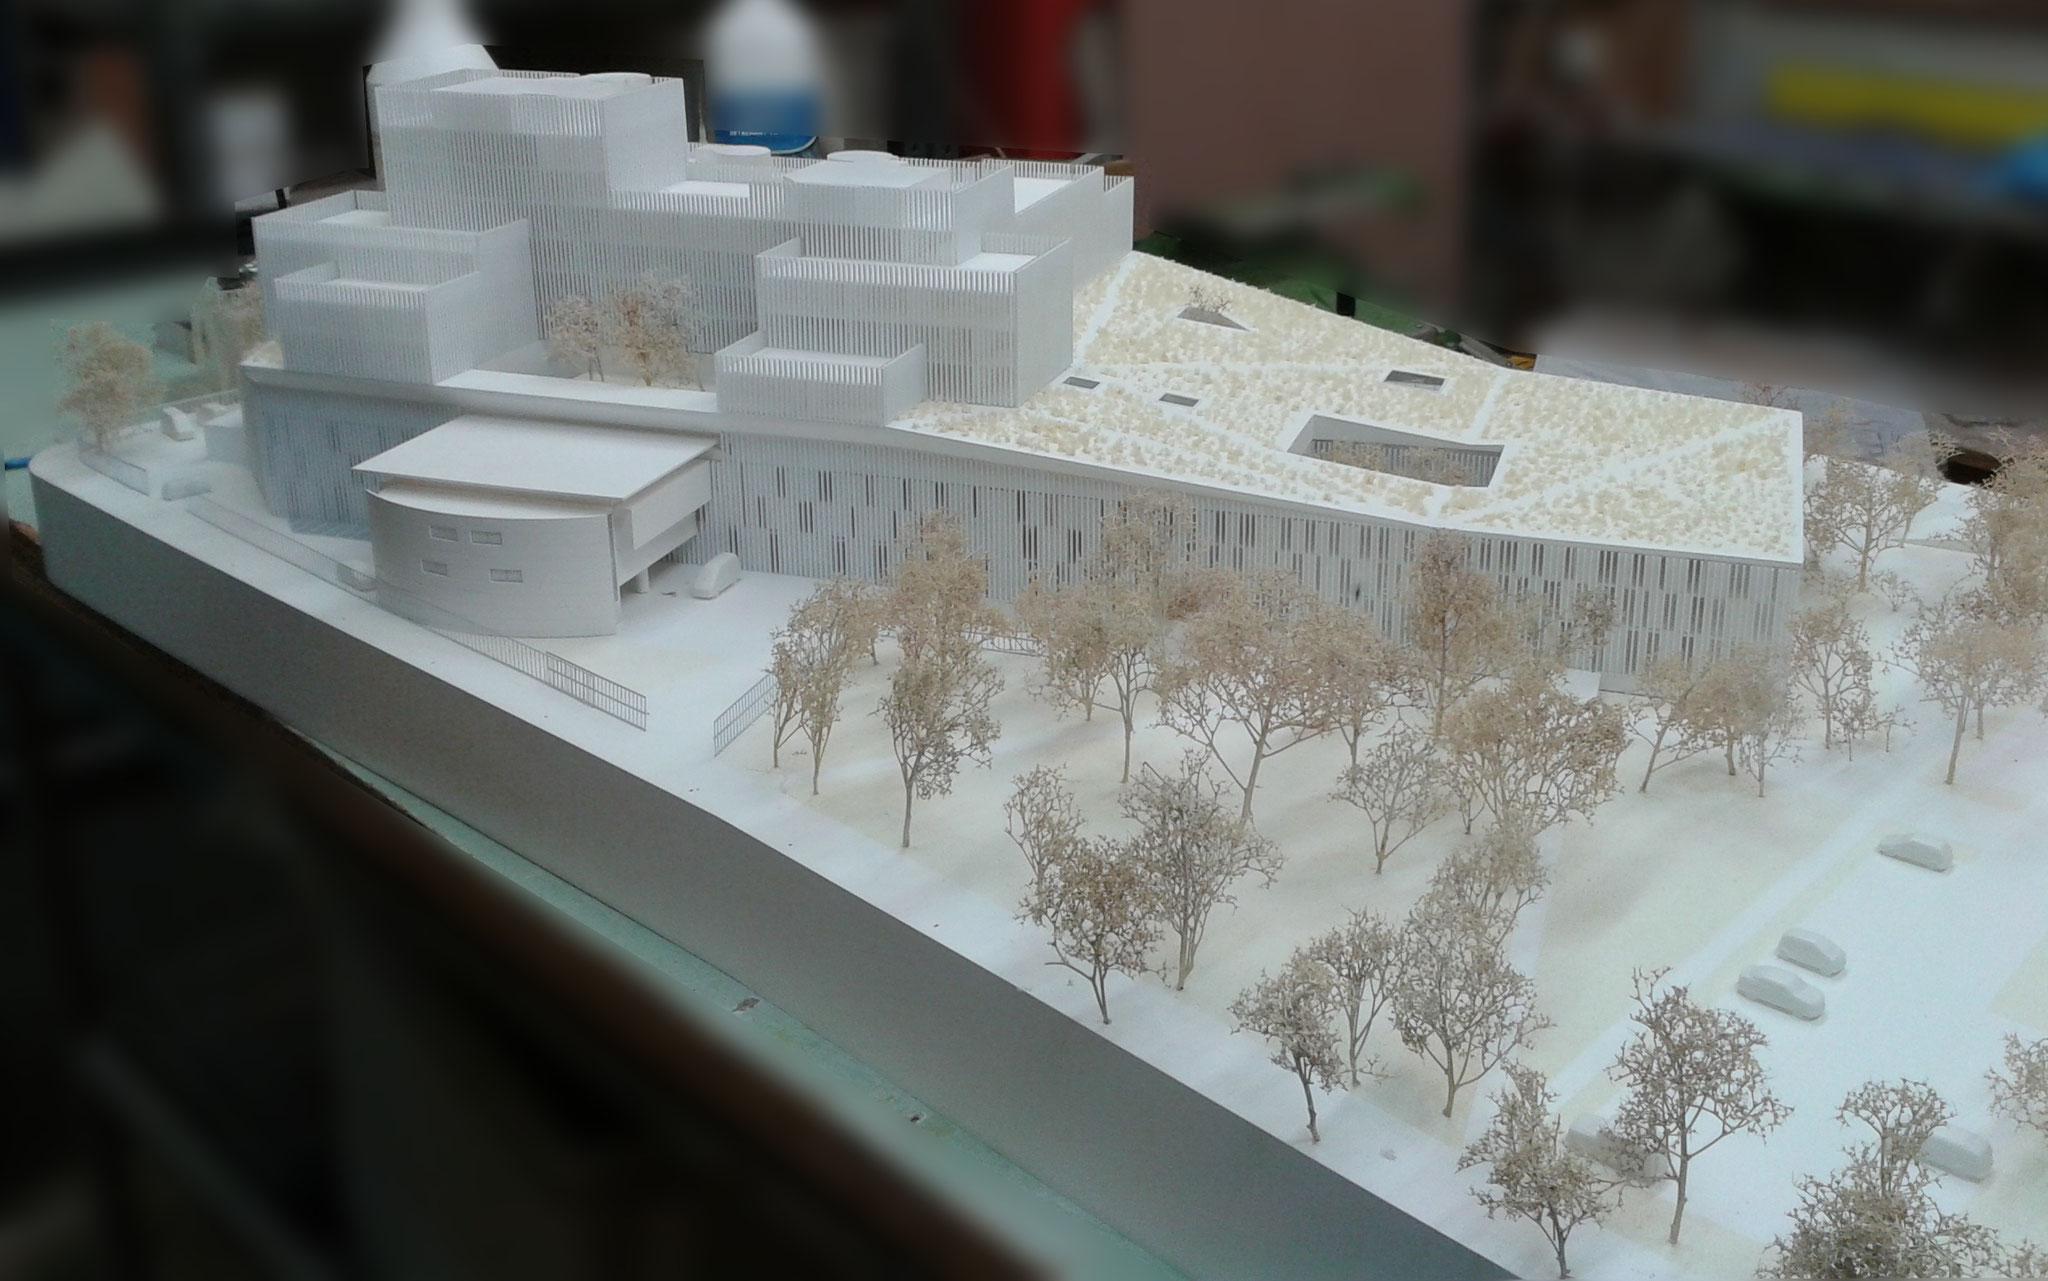 Réhabilitation et extension du Palais de Justice de Bobigny Echelle: 1/200